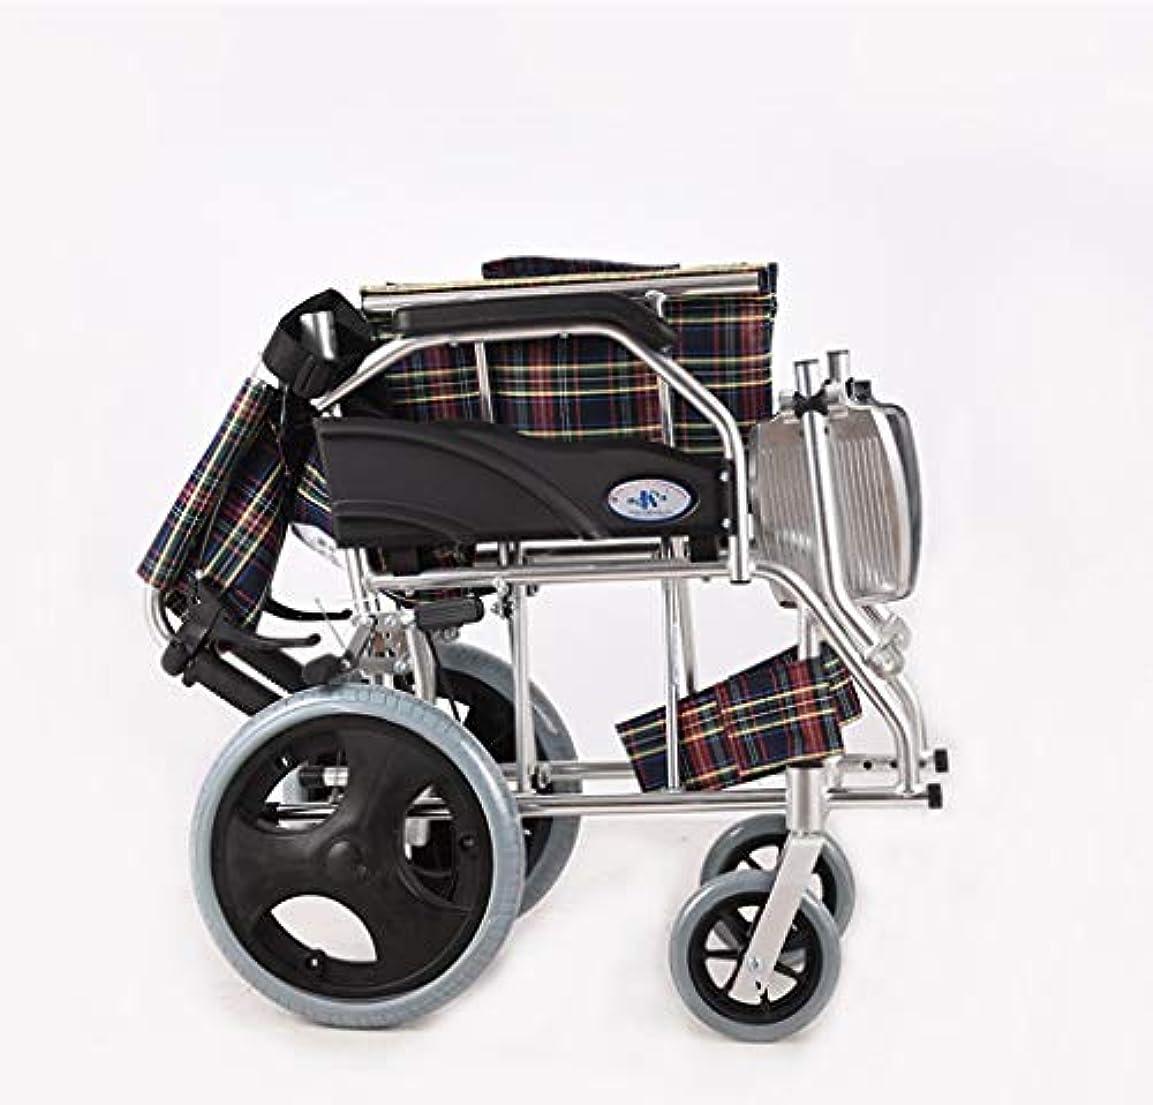 メタリック漂流木曜日車椅子折りたたみ式、障害者用スクーター、高齢者屋外旅行車椅子トロリー